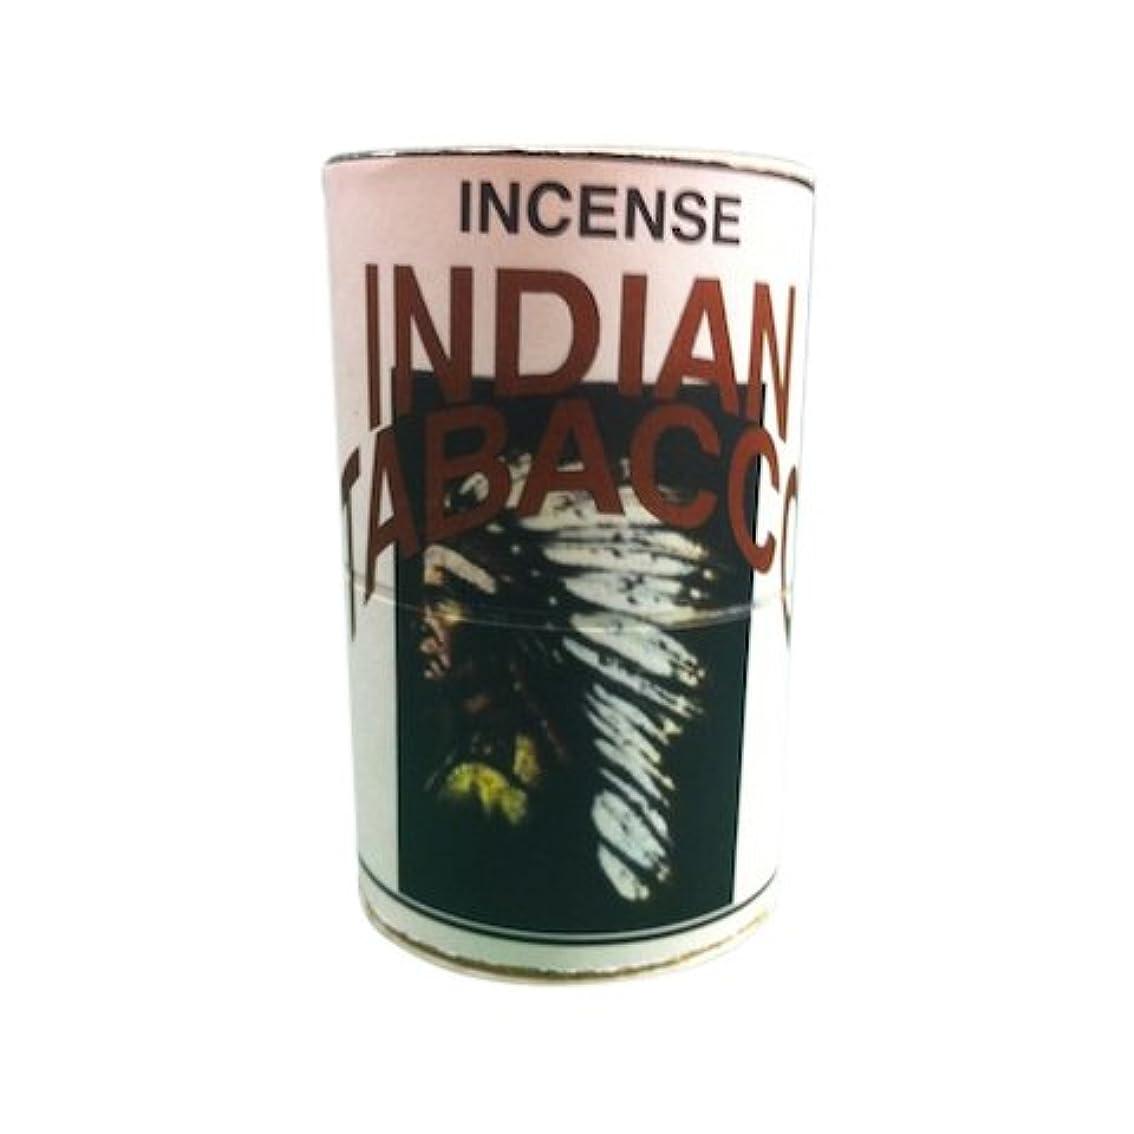 とげのある肥沃な厳IndianタバコIncense Powder